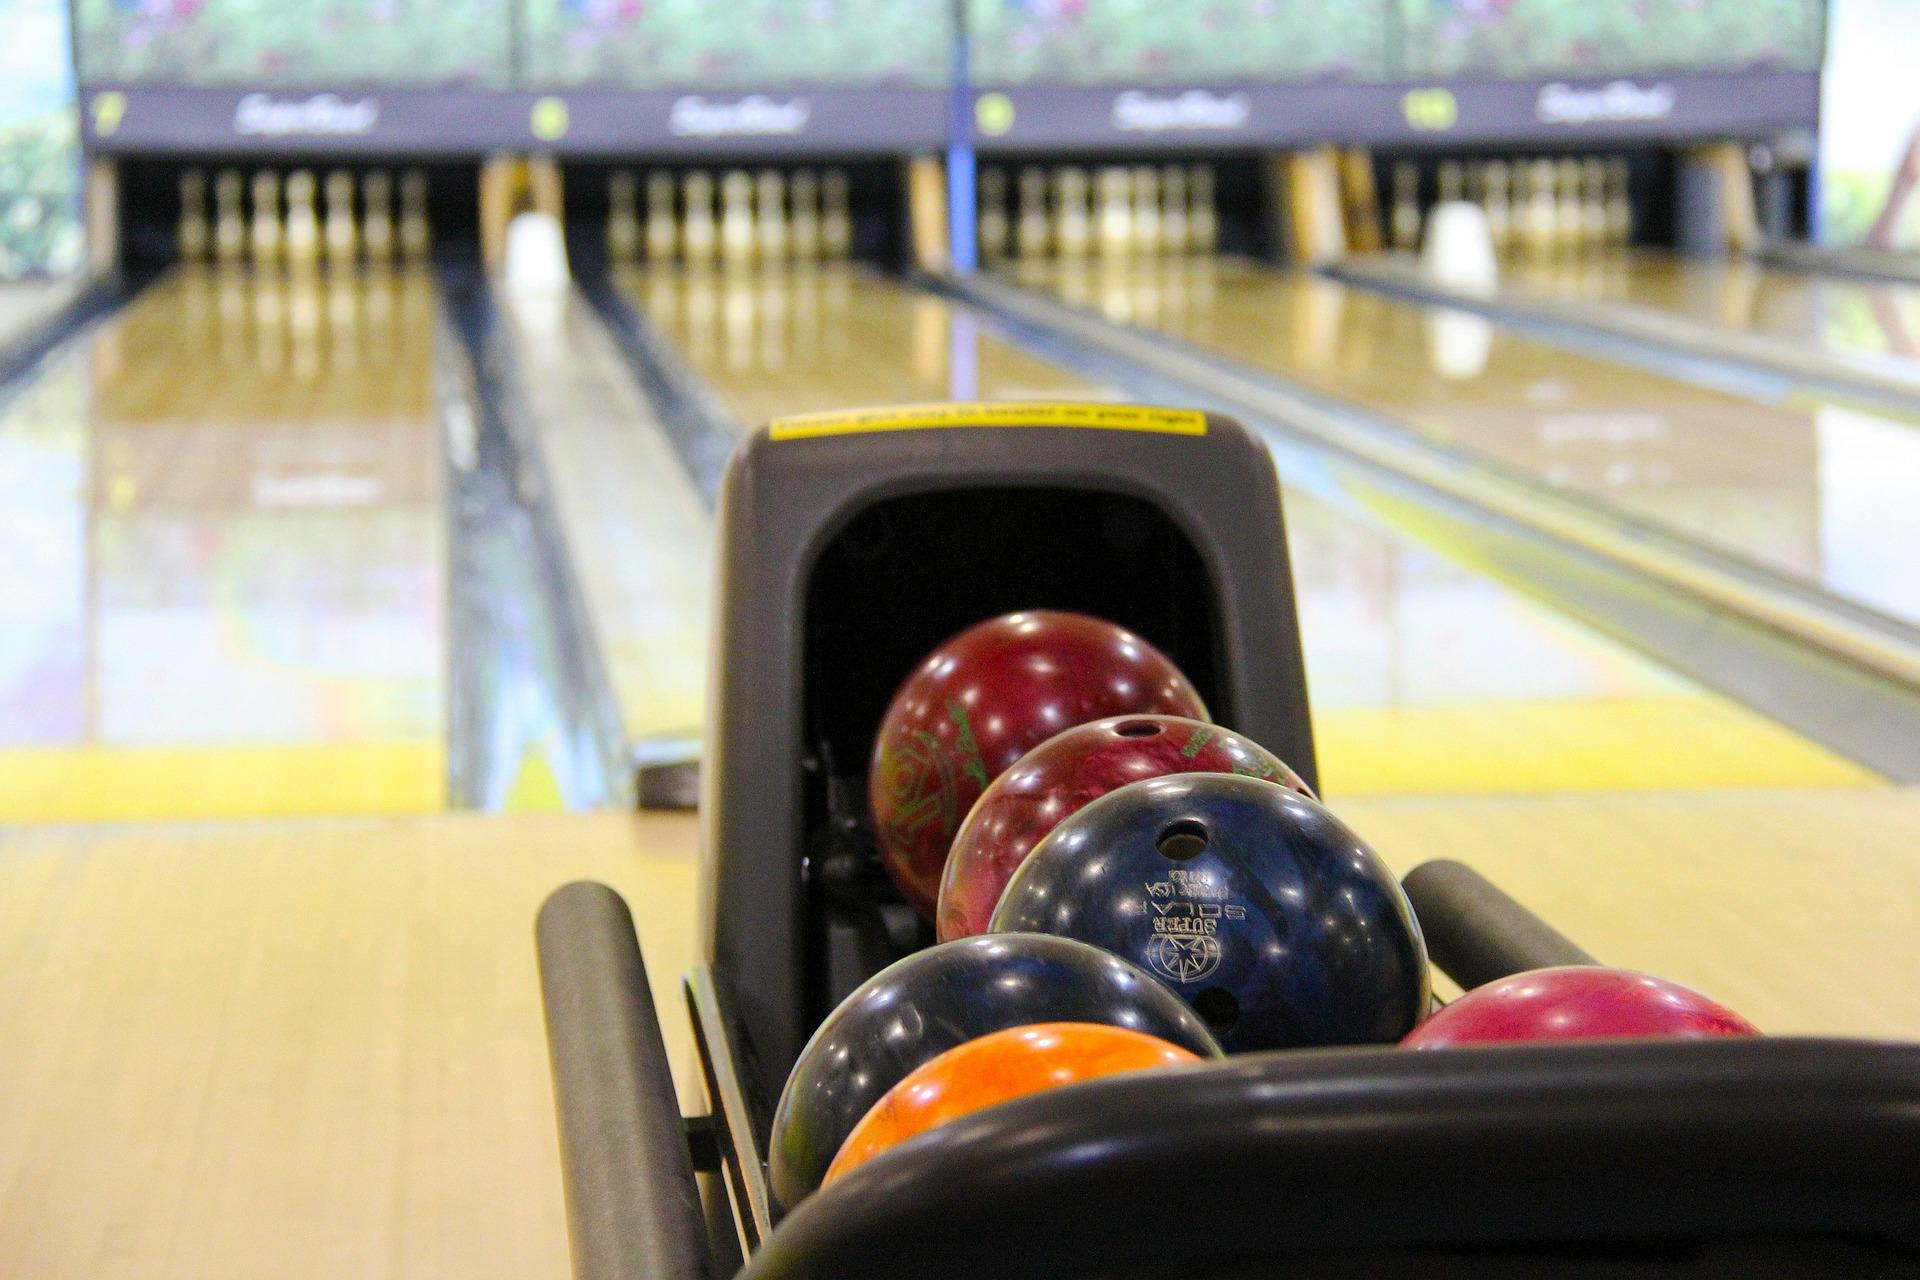 kuželky/bowling